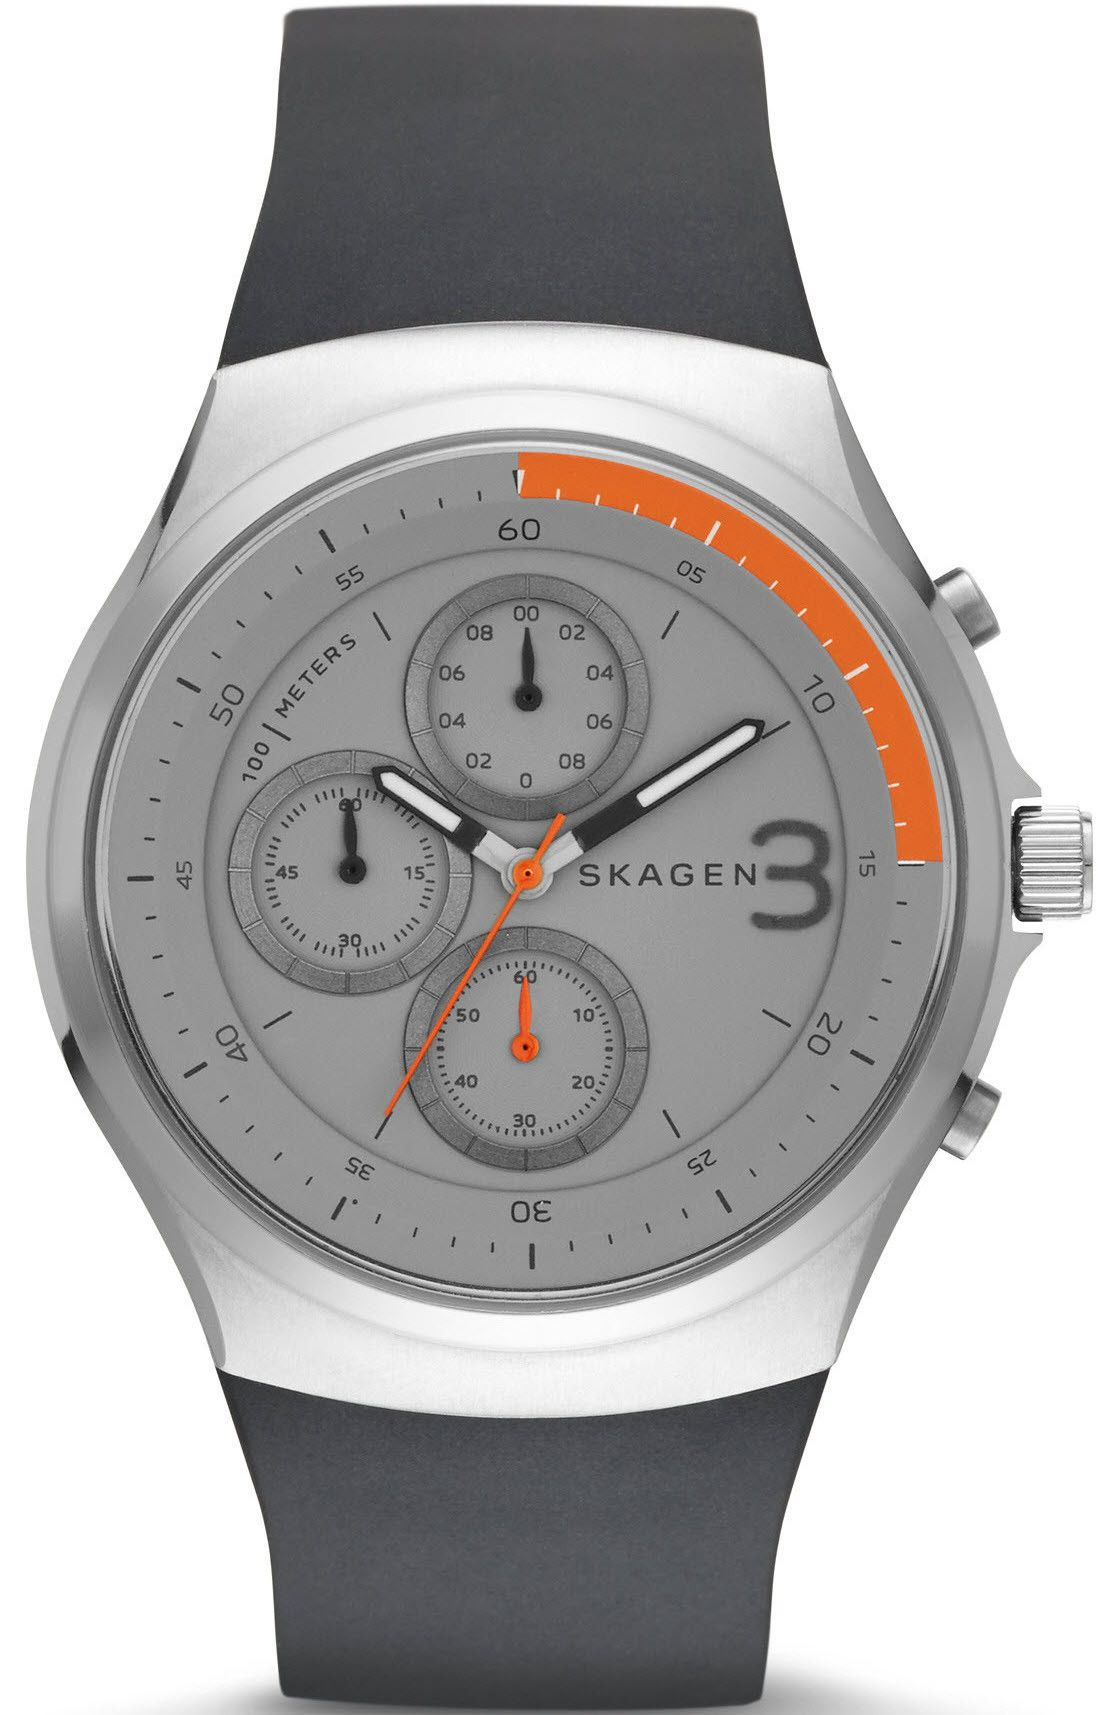 Skagen Watch Jennik Mens   Watches   Pinterest   Relógios e Ondas 1fee10b5b3